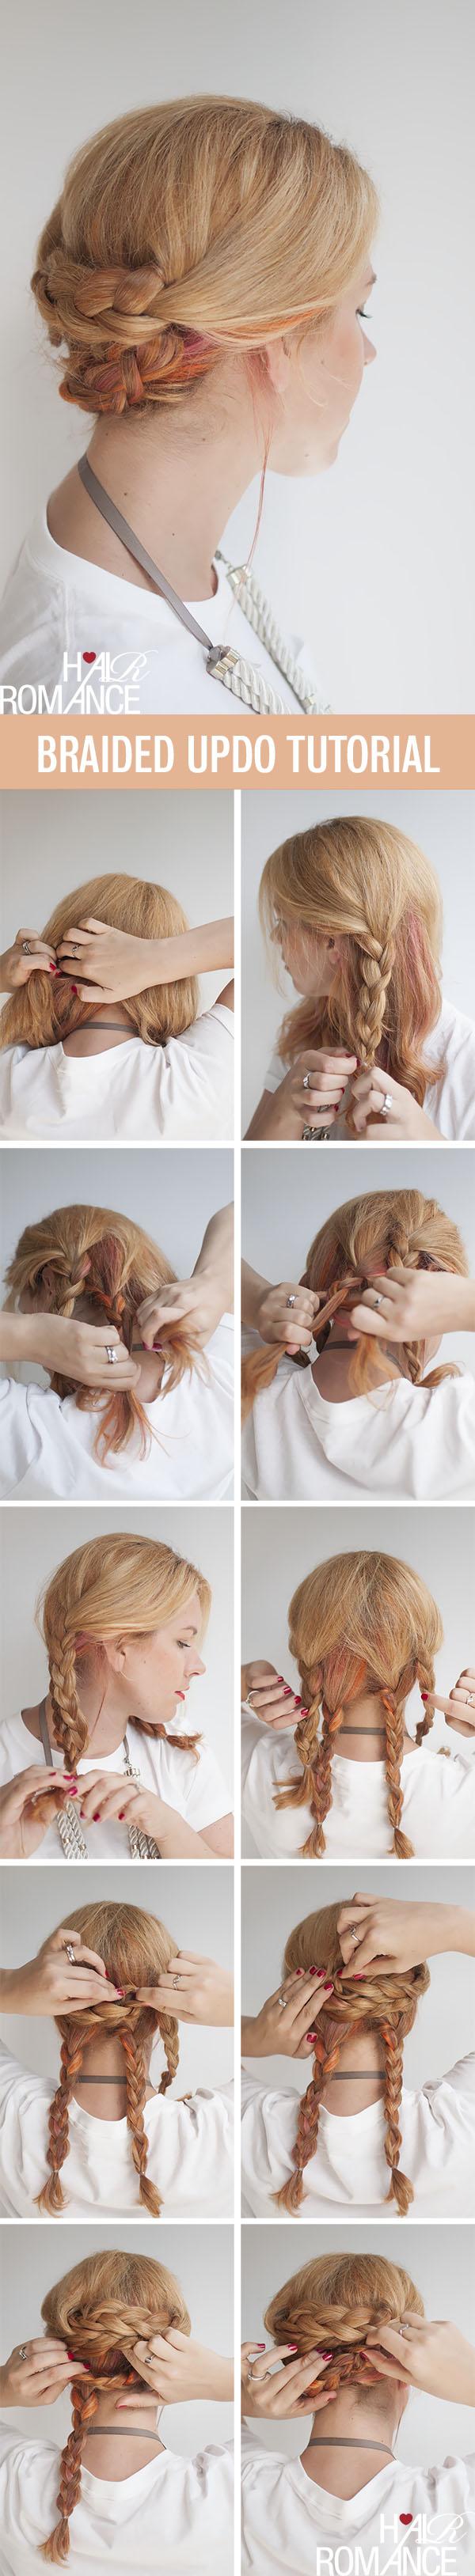 Braid Hair Tutorial: Simple Easy Braided Updo Hair